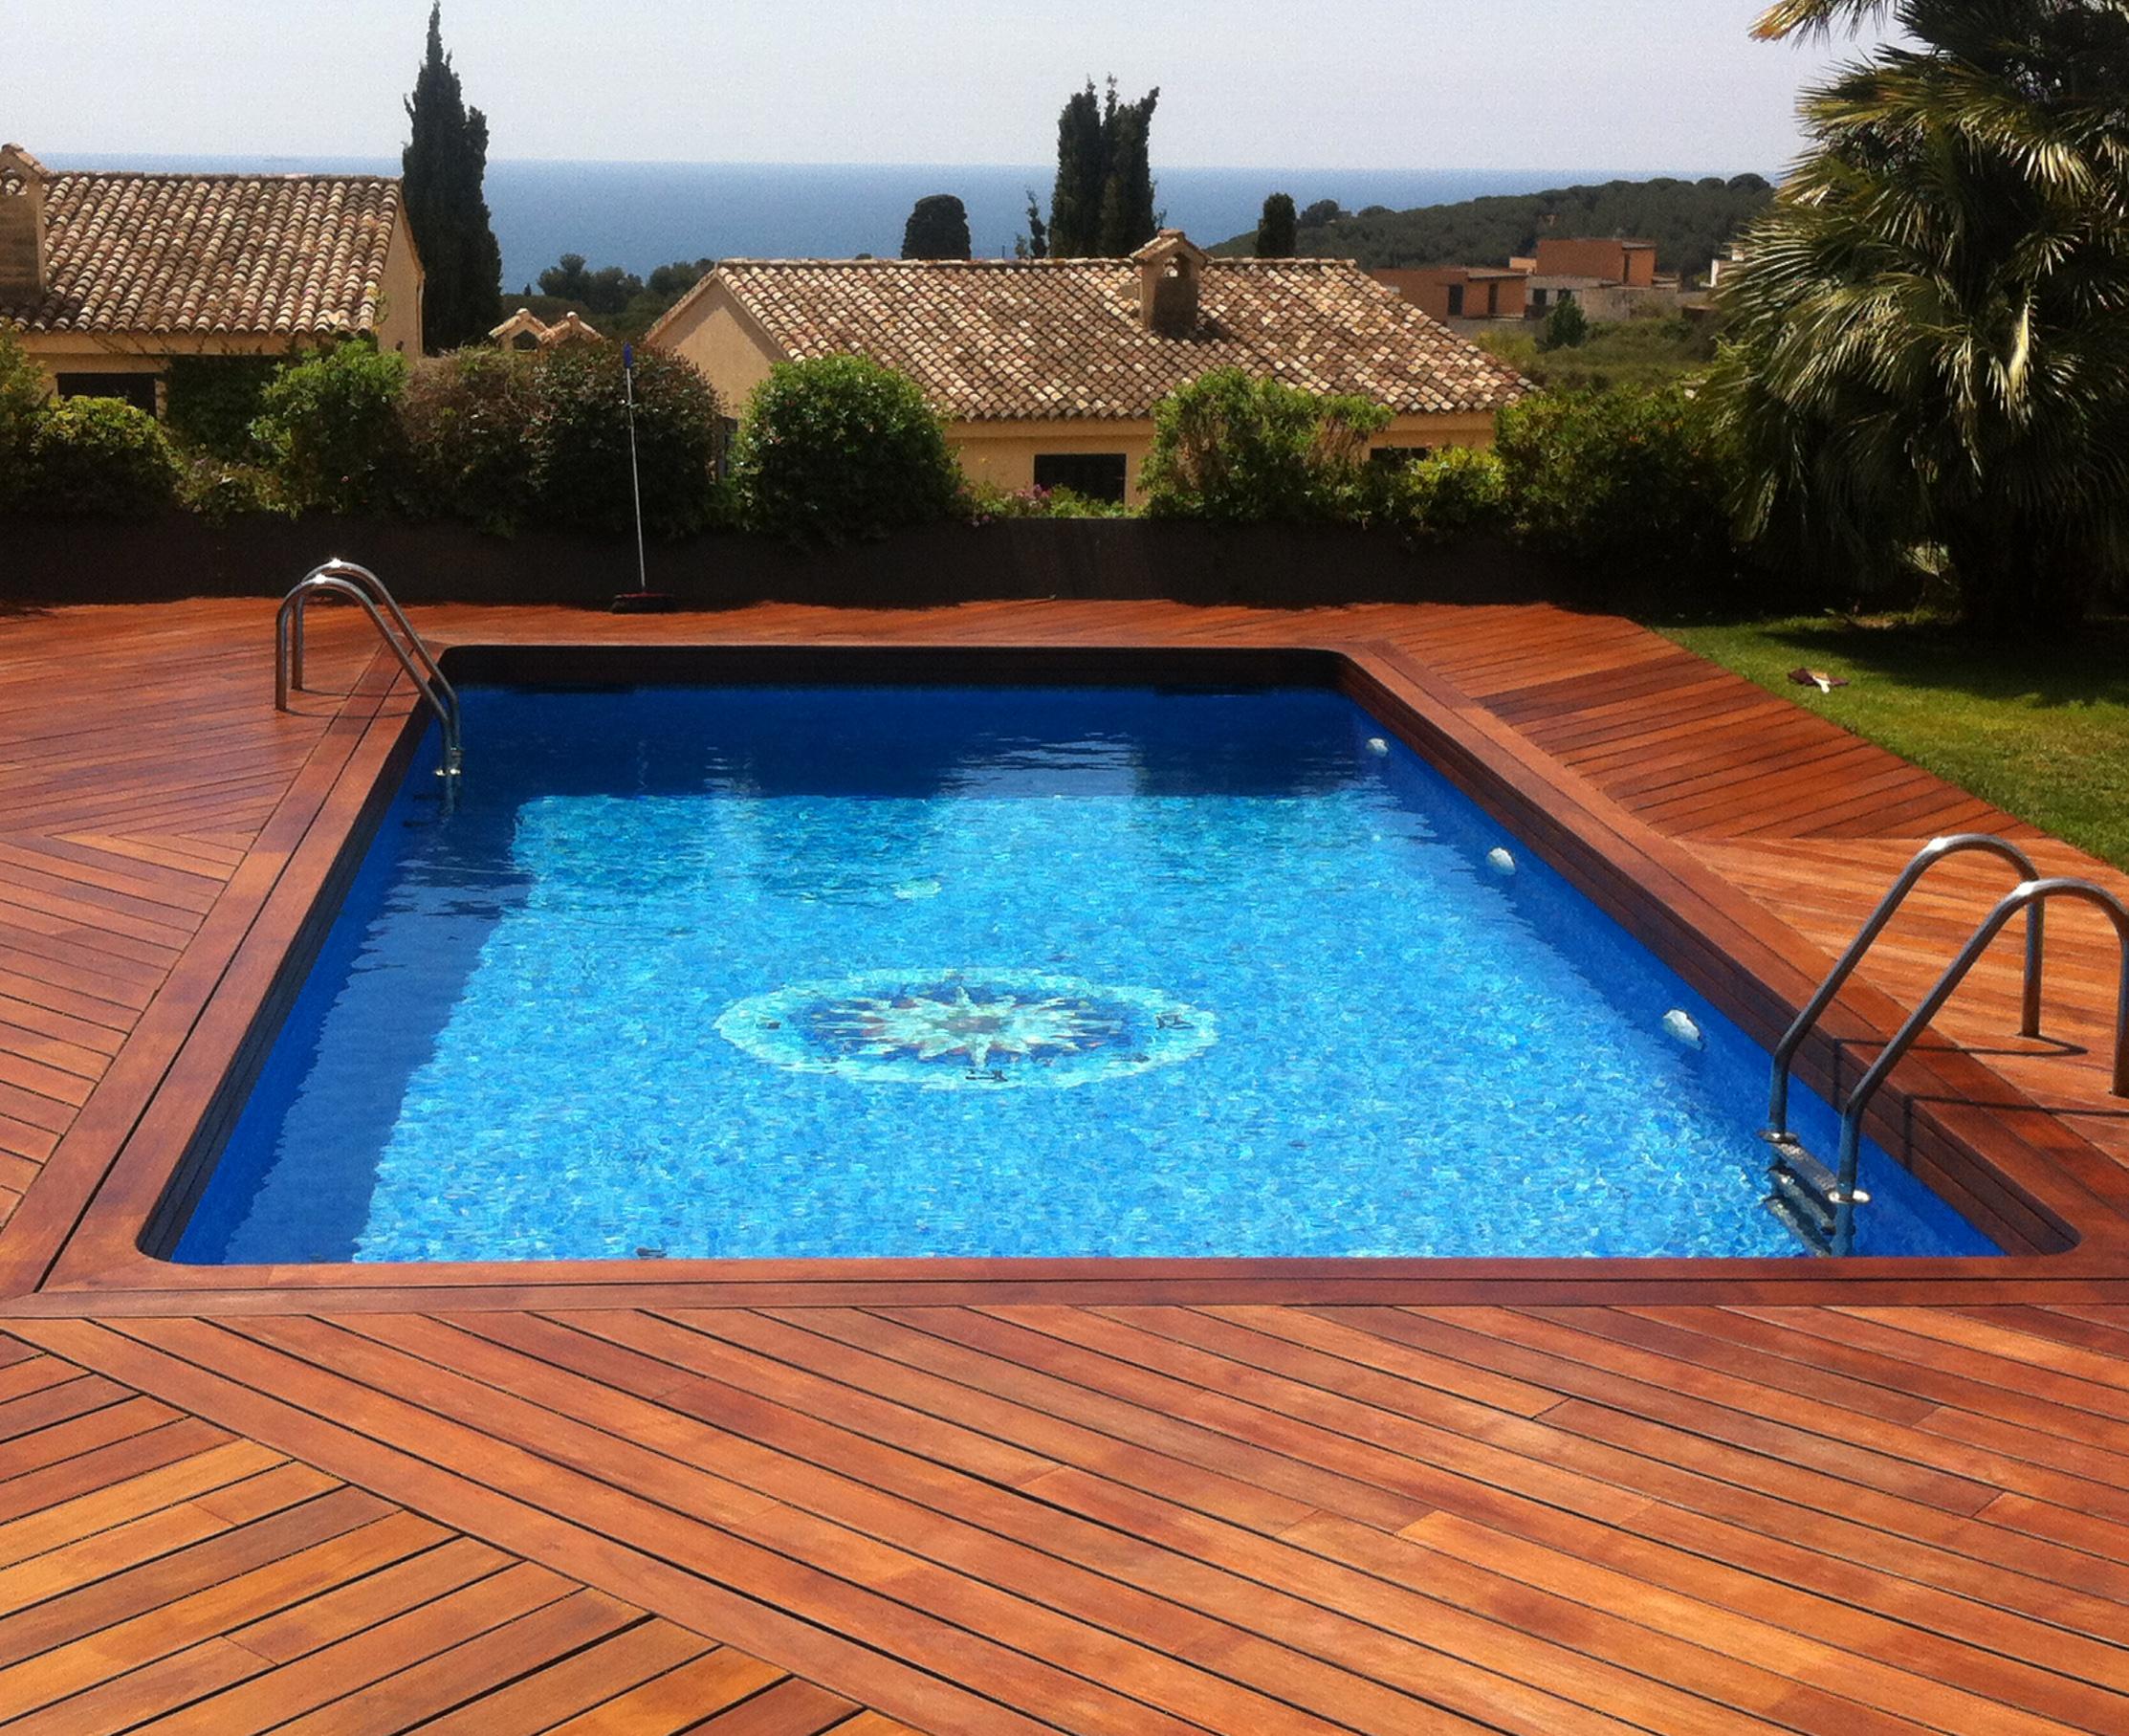 Tipos de piscinas para tu jard n quercus jardiners - Tipo de piscinas ...